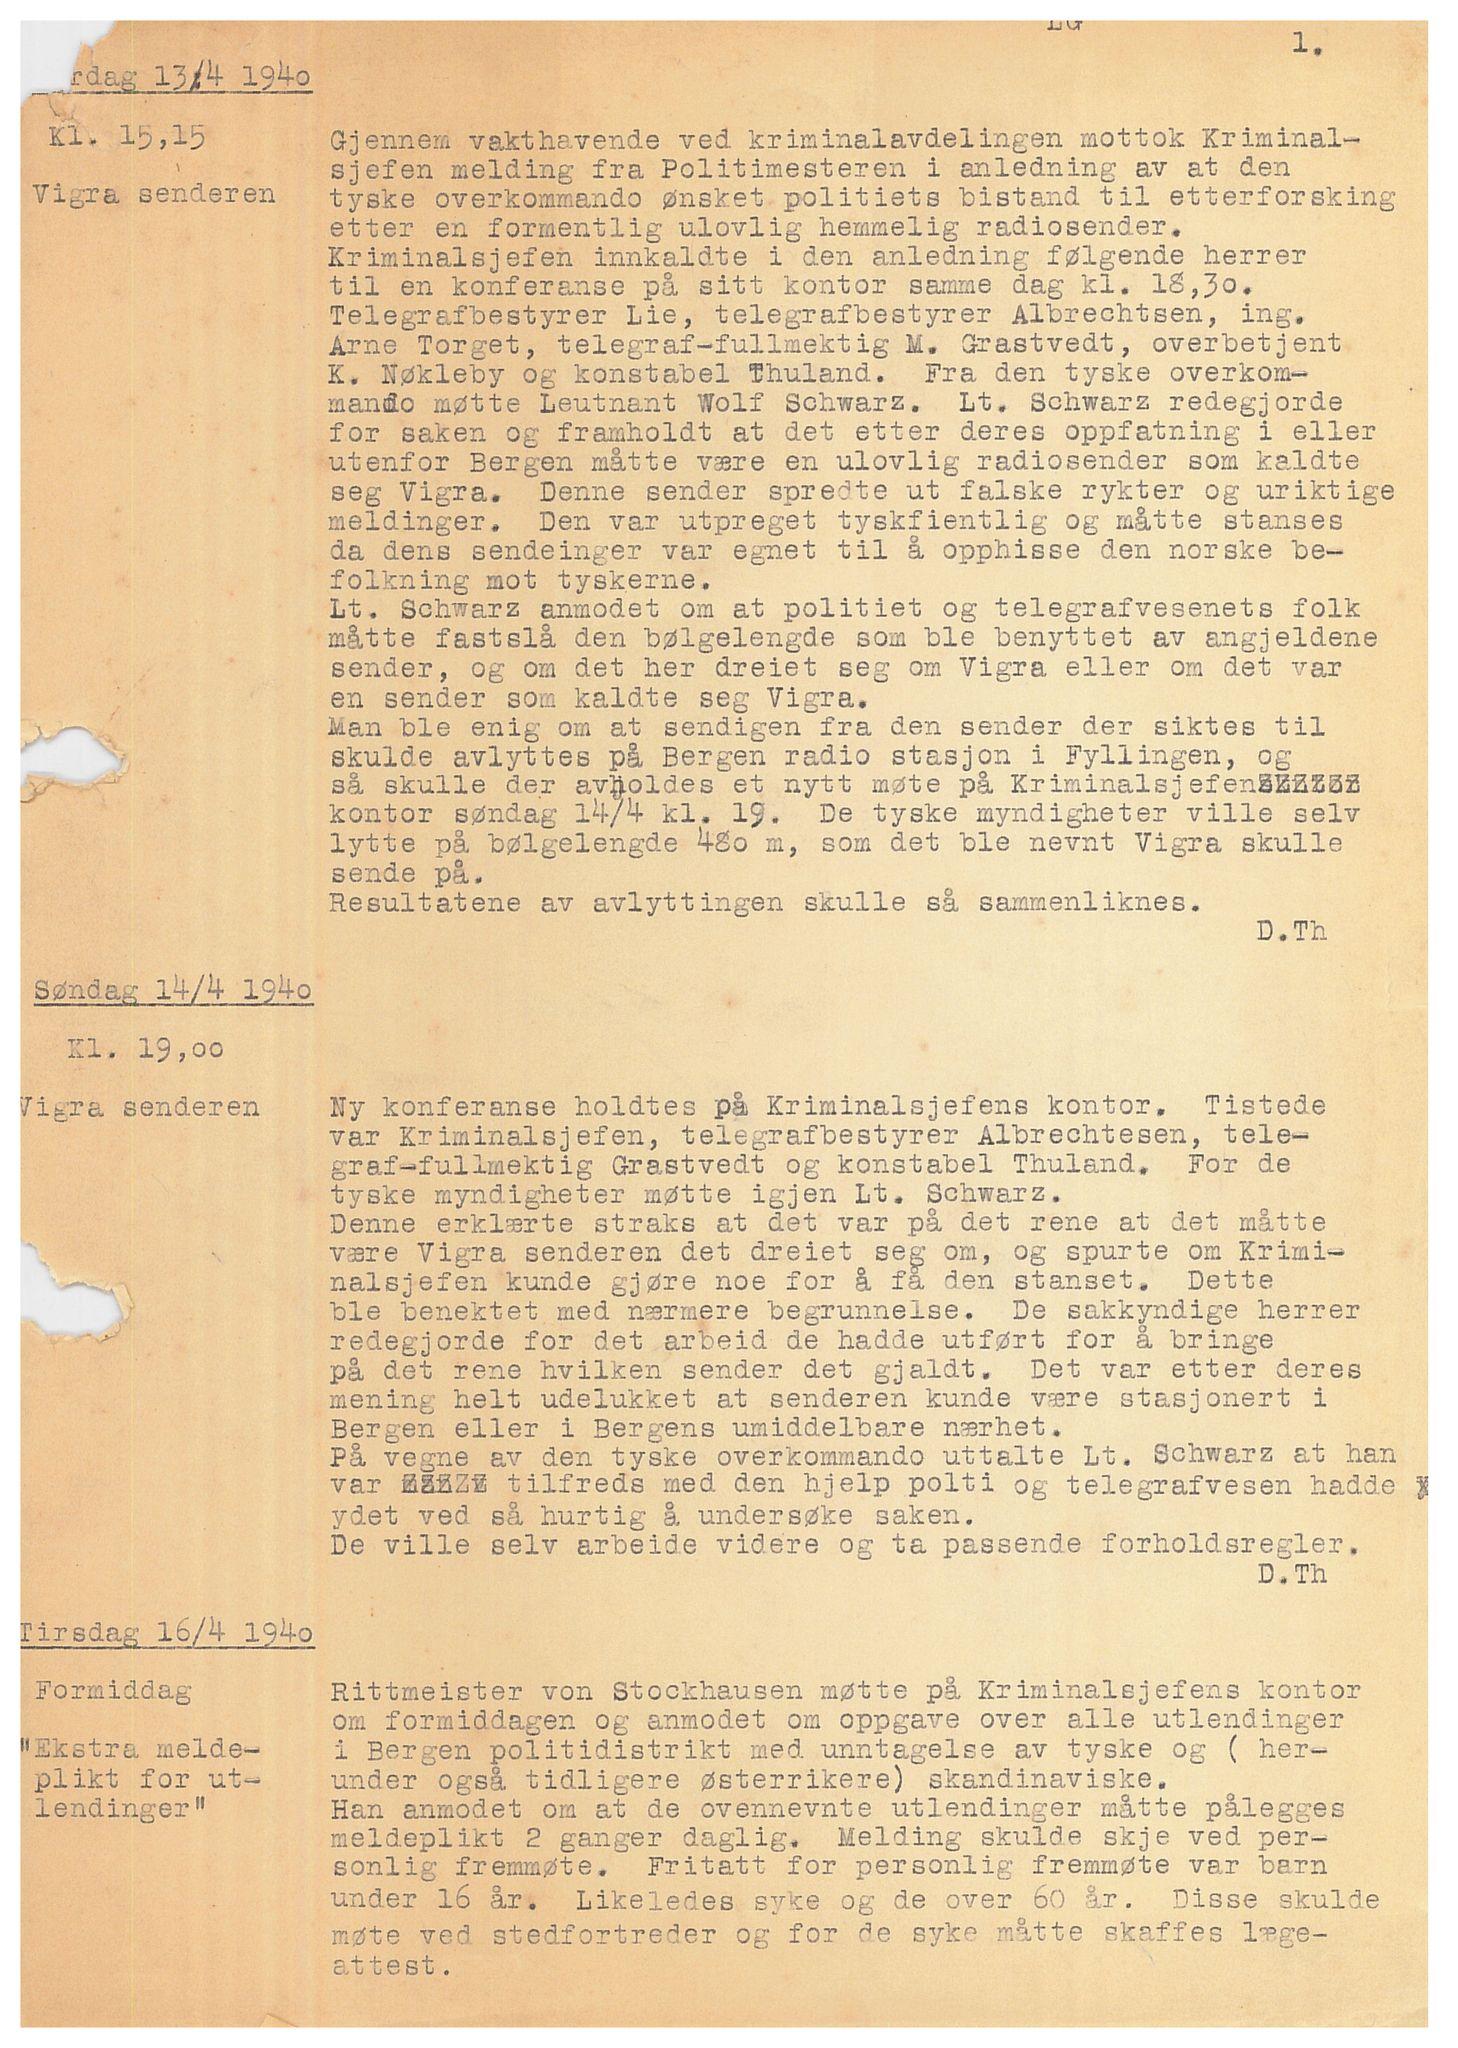 SAB, Bergen politidistrikt, Y/Ye/L0001: Avskrift av krigsdagbok av Dankert Thuland, 1940-1941, s. 1